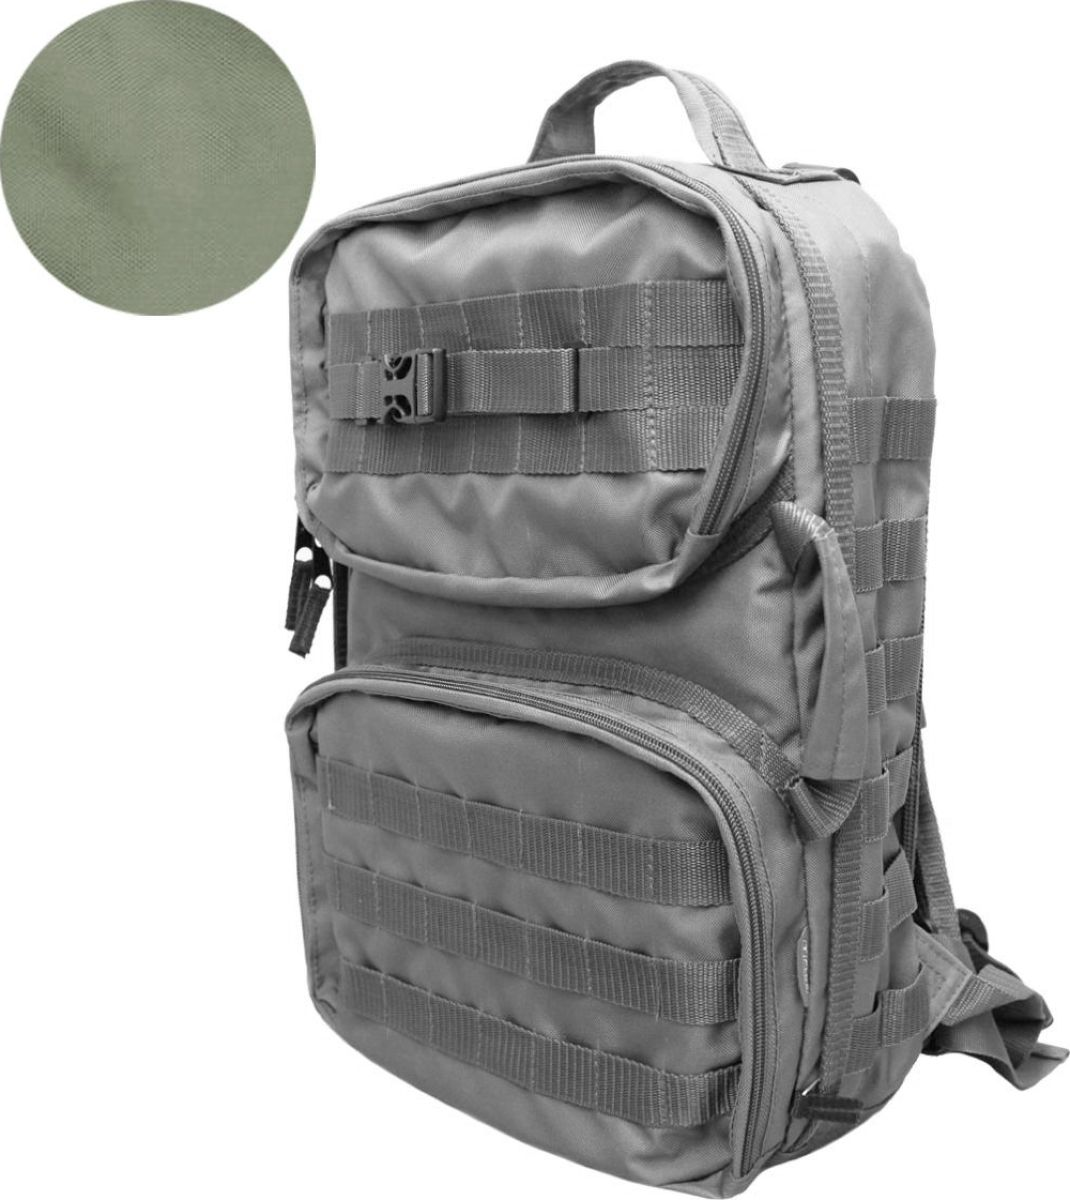 Рюкзак тактический Tplus 430, однолямочный, цвет: хакиT007578Одно-лямочная конструкция рюкзака позволяет класть и вынимать вещи без его снятия, для этого достаточно просто передвинуть его со спины на грудь. Тактический рюкзак — это идеальный вариант для выживальщиков и охотников. Рюкзак играет самую важную роль в любом походе, вы должны быть уверены в его надёжности и быть довольны его функциональностью. Несомненно, чтобы удовлетворить эти потребности, вам нужно обязательно приобрести тактический рюкзак.На что следует обратить внимание при выборе тактического рюкзака:- качество материала- функциональность- объем- непромокаемостьРюкзак двух объёмный. Высокопрочный материал с водоотталкивающей поверхностью. Точки наибольшего напряжения швов имеют двойную прошивку. Специальная система набивок, предохраняющая содержимое рюкзака от ударов. Универсальная система крепления подсумков MOLLE позволяет опционально навешивать дополнительные подсумки на рюкзак в соответствии с необходимостью. Оптимальное расположение карманов и отделений, позволяющее иметь быстрый доступ к оборудованию и вещам. В спинке сделан потайной карман для оружия или нетбука (планшета). Удобная загрузка. Рюкзак двух объёмный, в спинке сделан потайной карман для оружия или нетбука(планшета) длиной не более 410 мм.